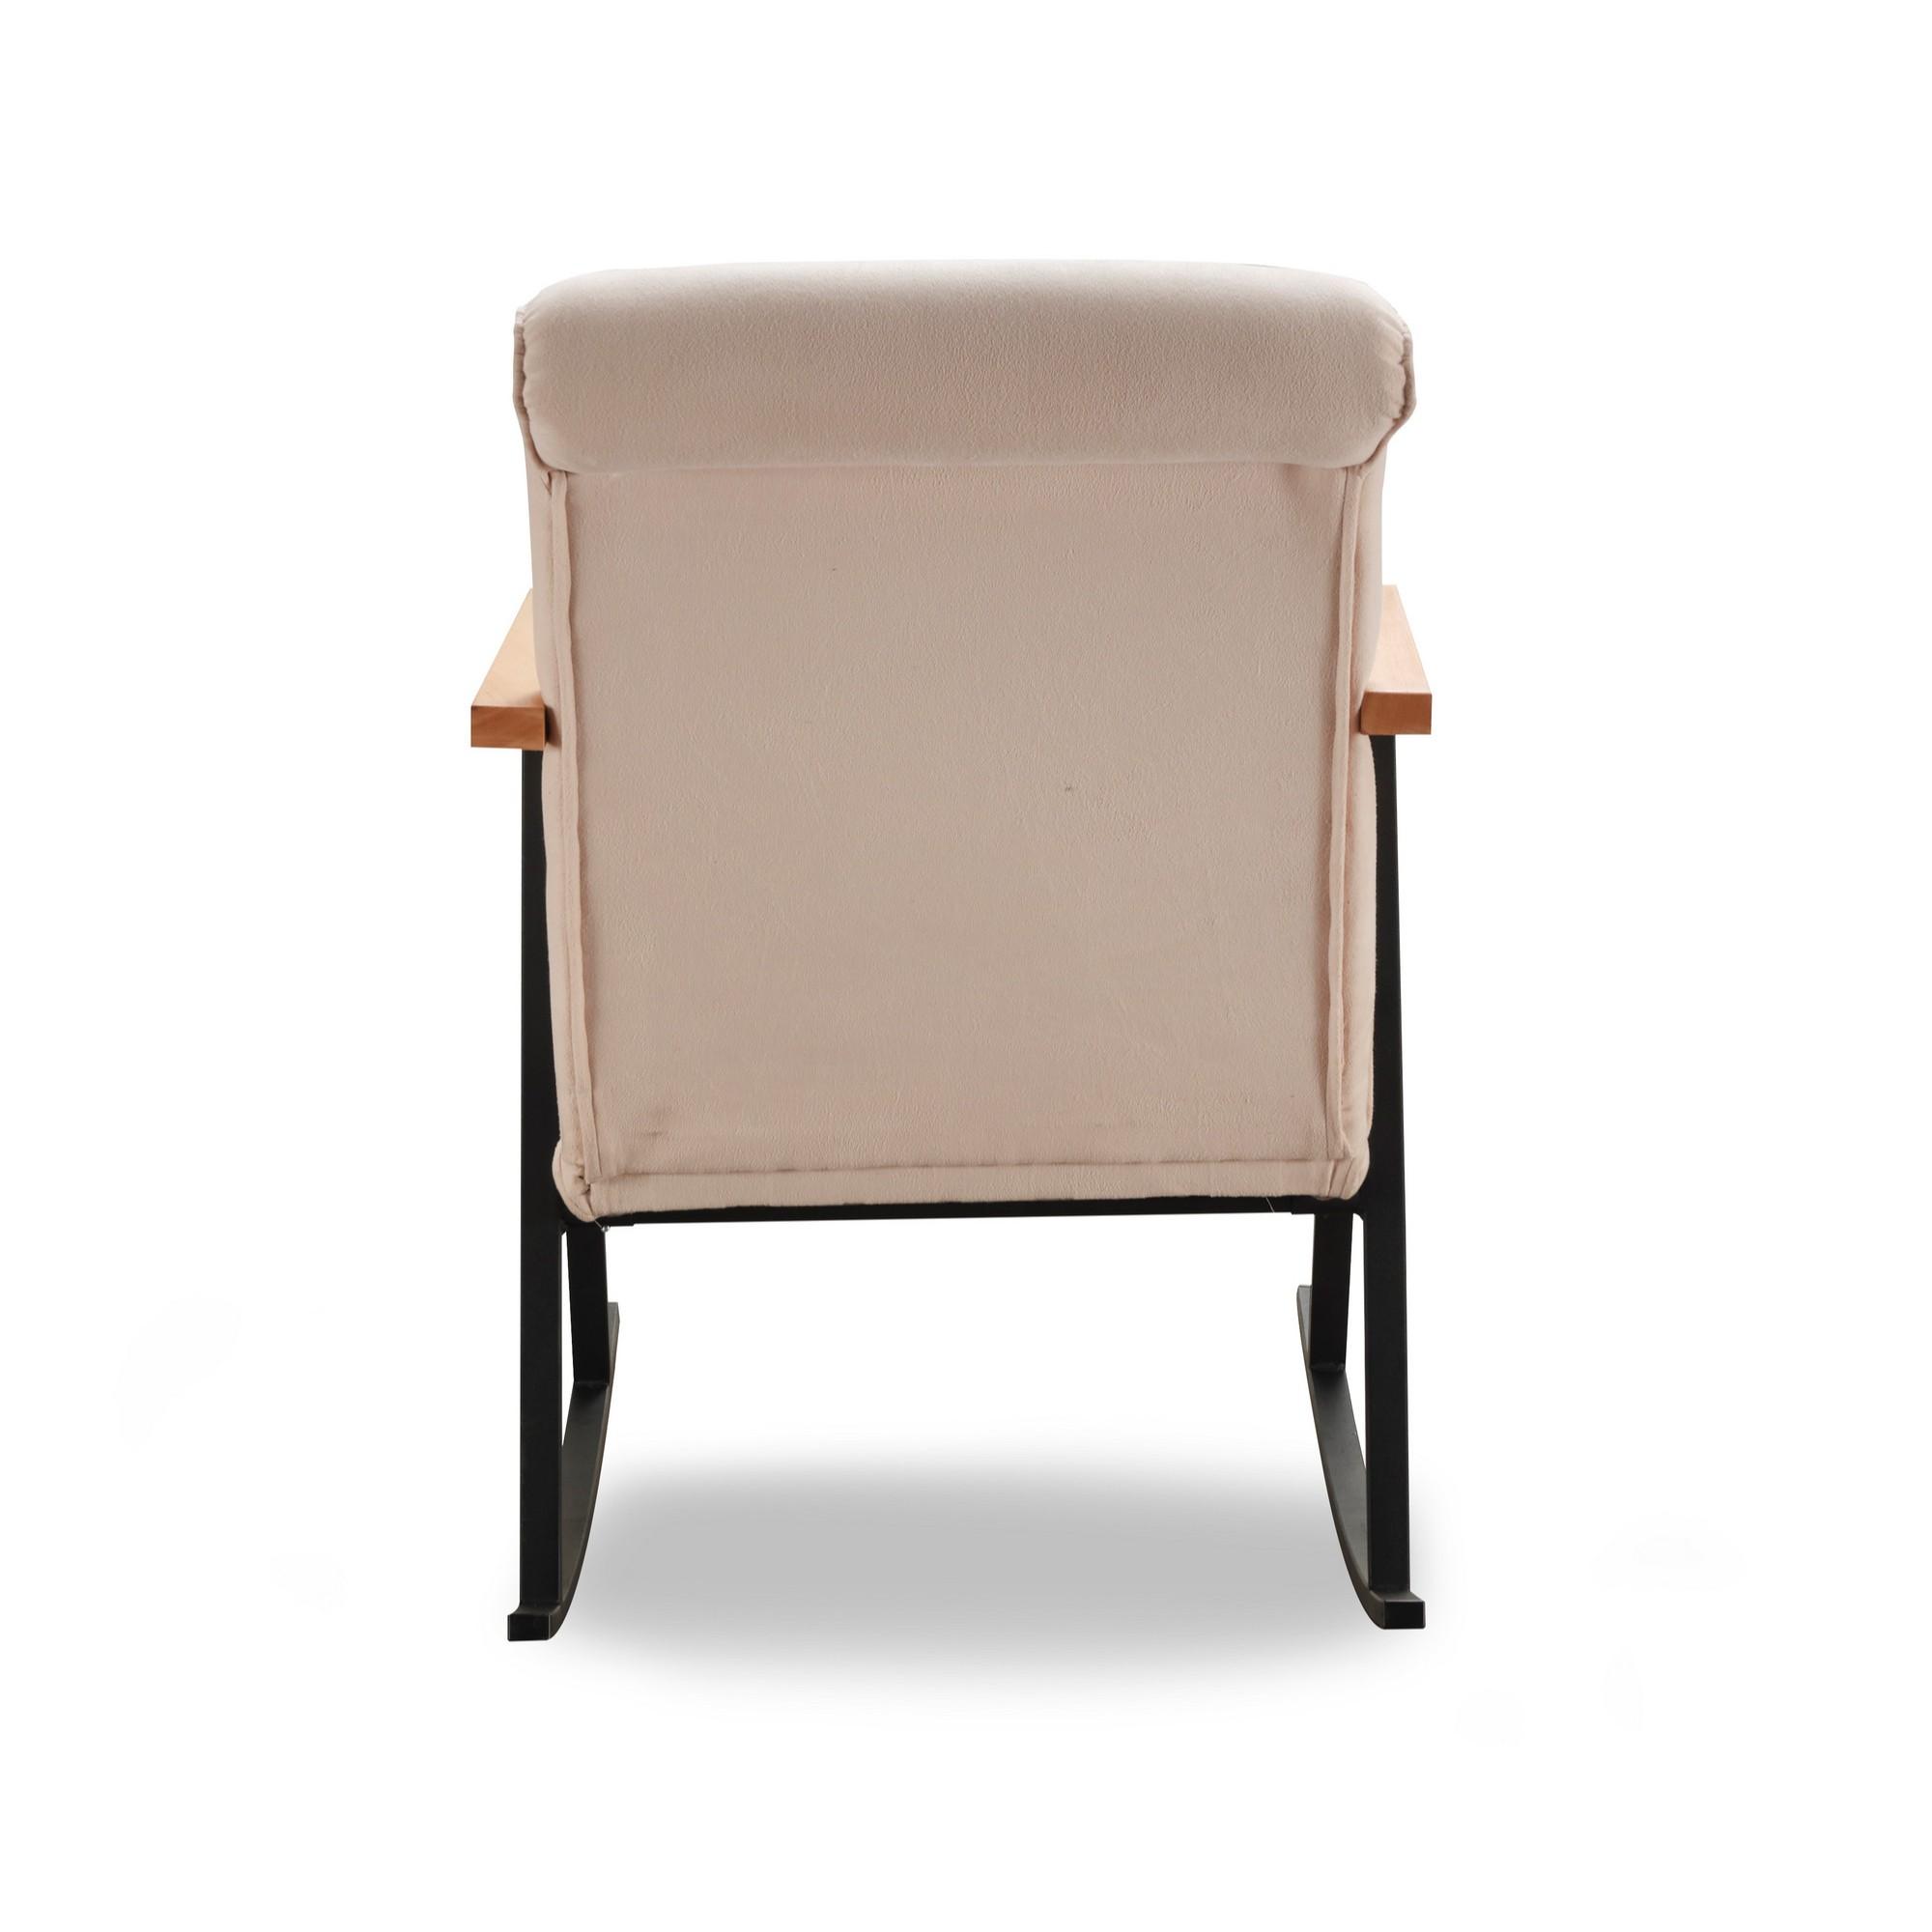 Sconto Křeslo YOKA krémová Klasika obýváků i ložnic po několik generací v moderním kabátu, takové je houpací křeslo YOKA.